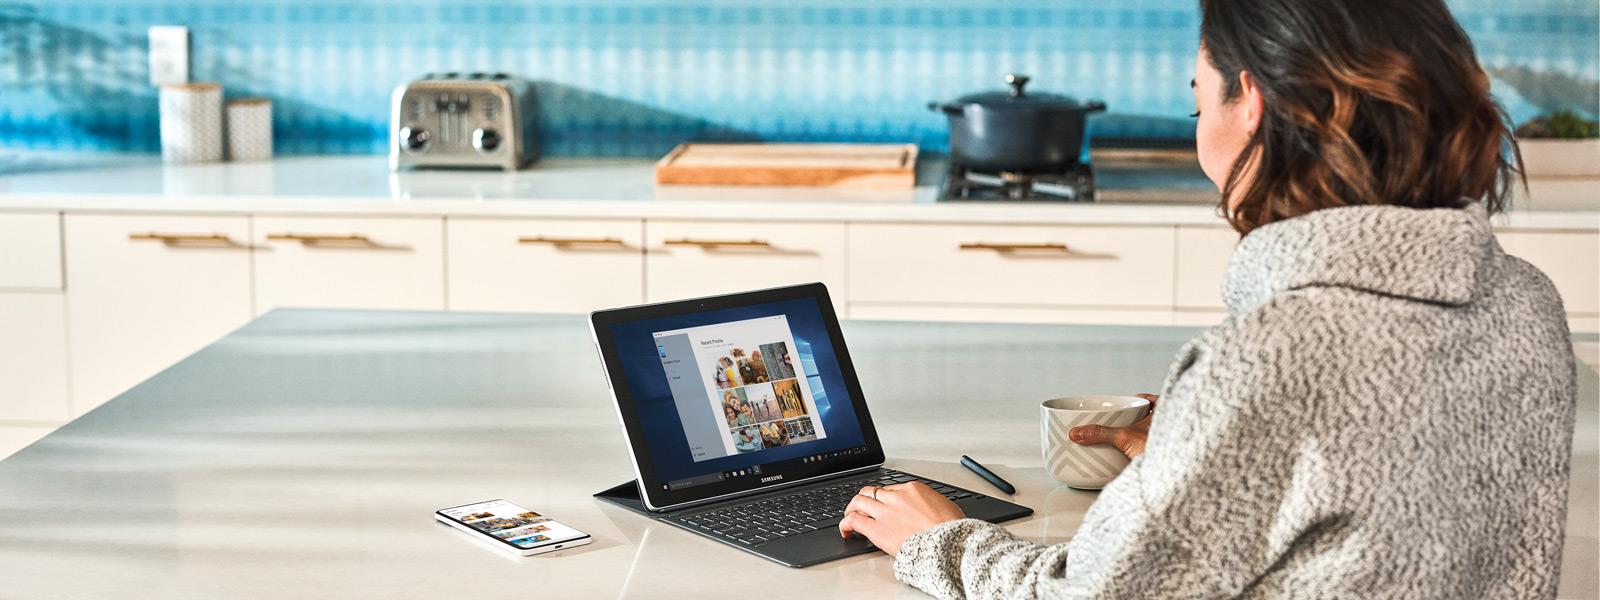 Mutfak tezgahına oturmuş ve cep telefonuyla Windows 10 dizüstü bilgisayarını kullanan kadın